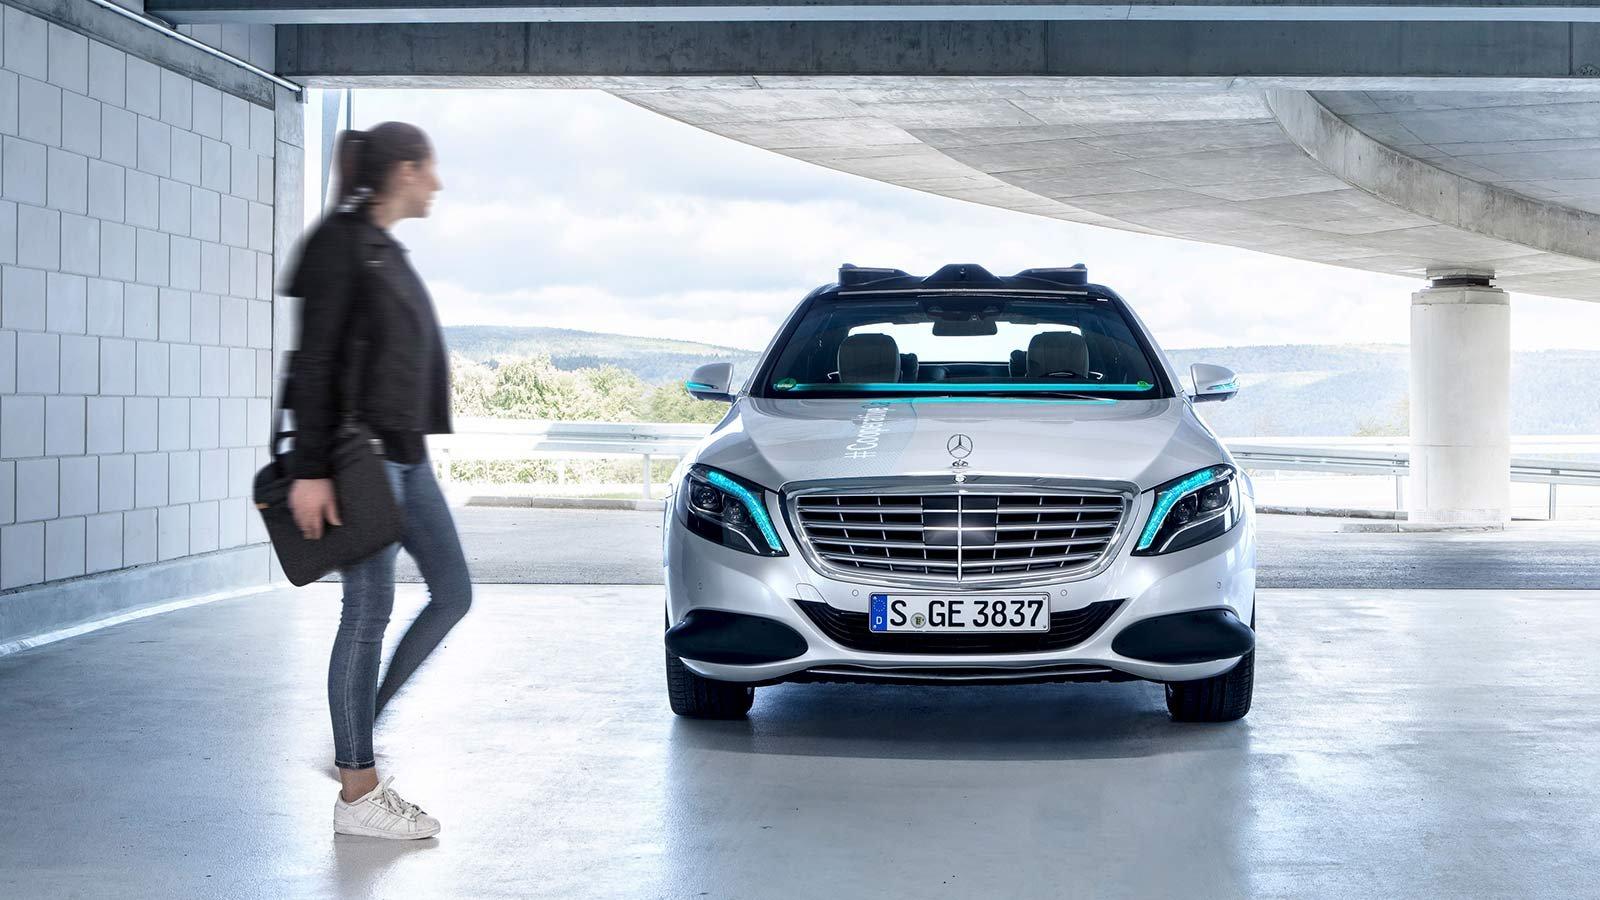 Turkosa ljusslingor i vindruta, grill, strålkastare, backspeglar och i rutornas underkant visar omgivningen att bilen är i självkörande läge.